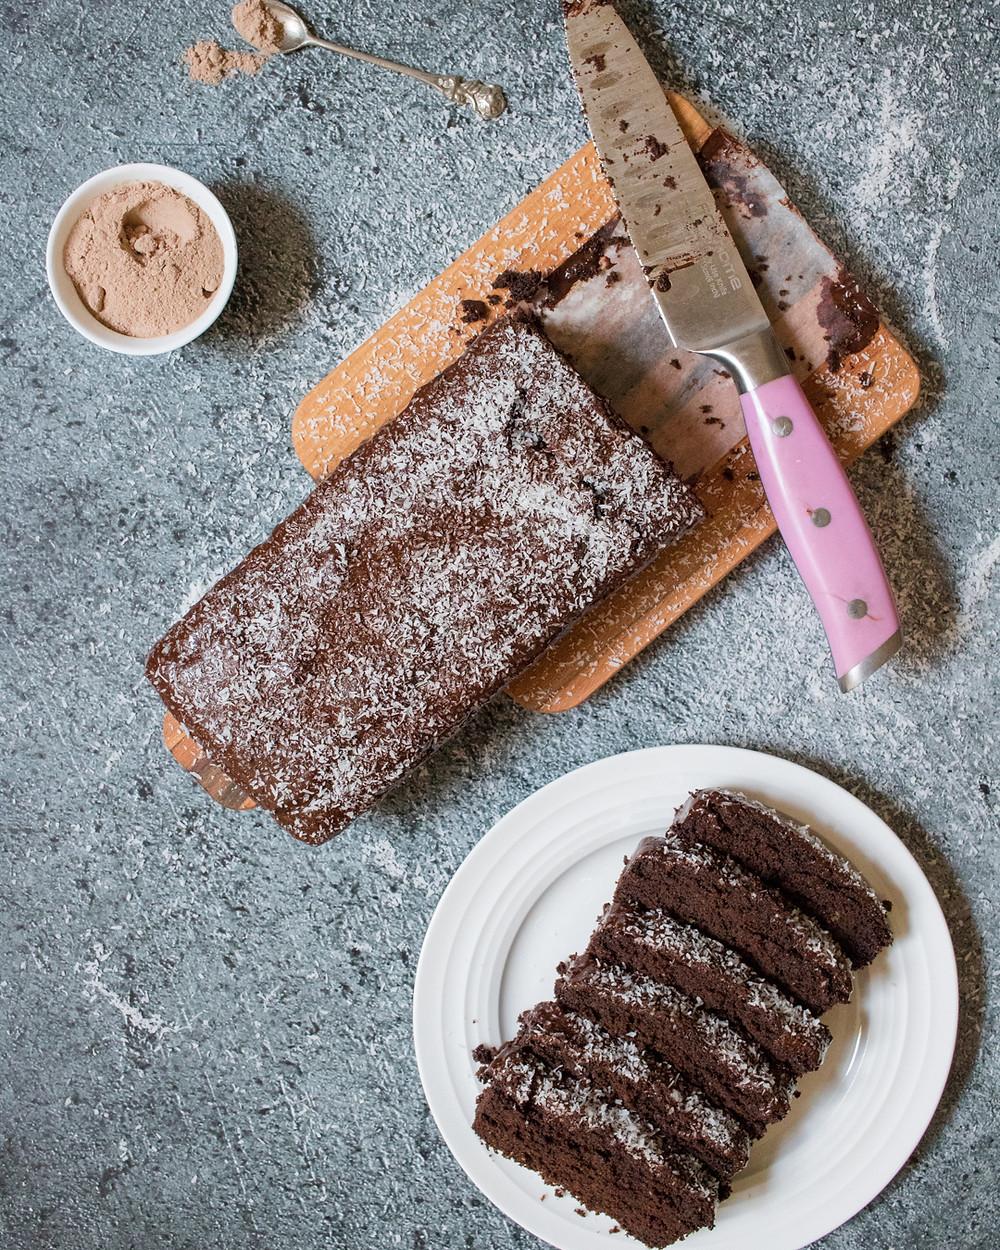 עוגת שוקולד טבעונית, ללא גלוטן, עם קמח טף ואבקת חרובים